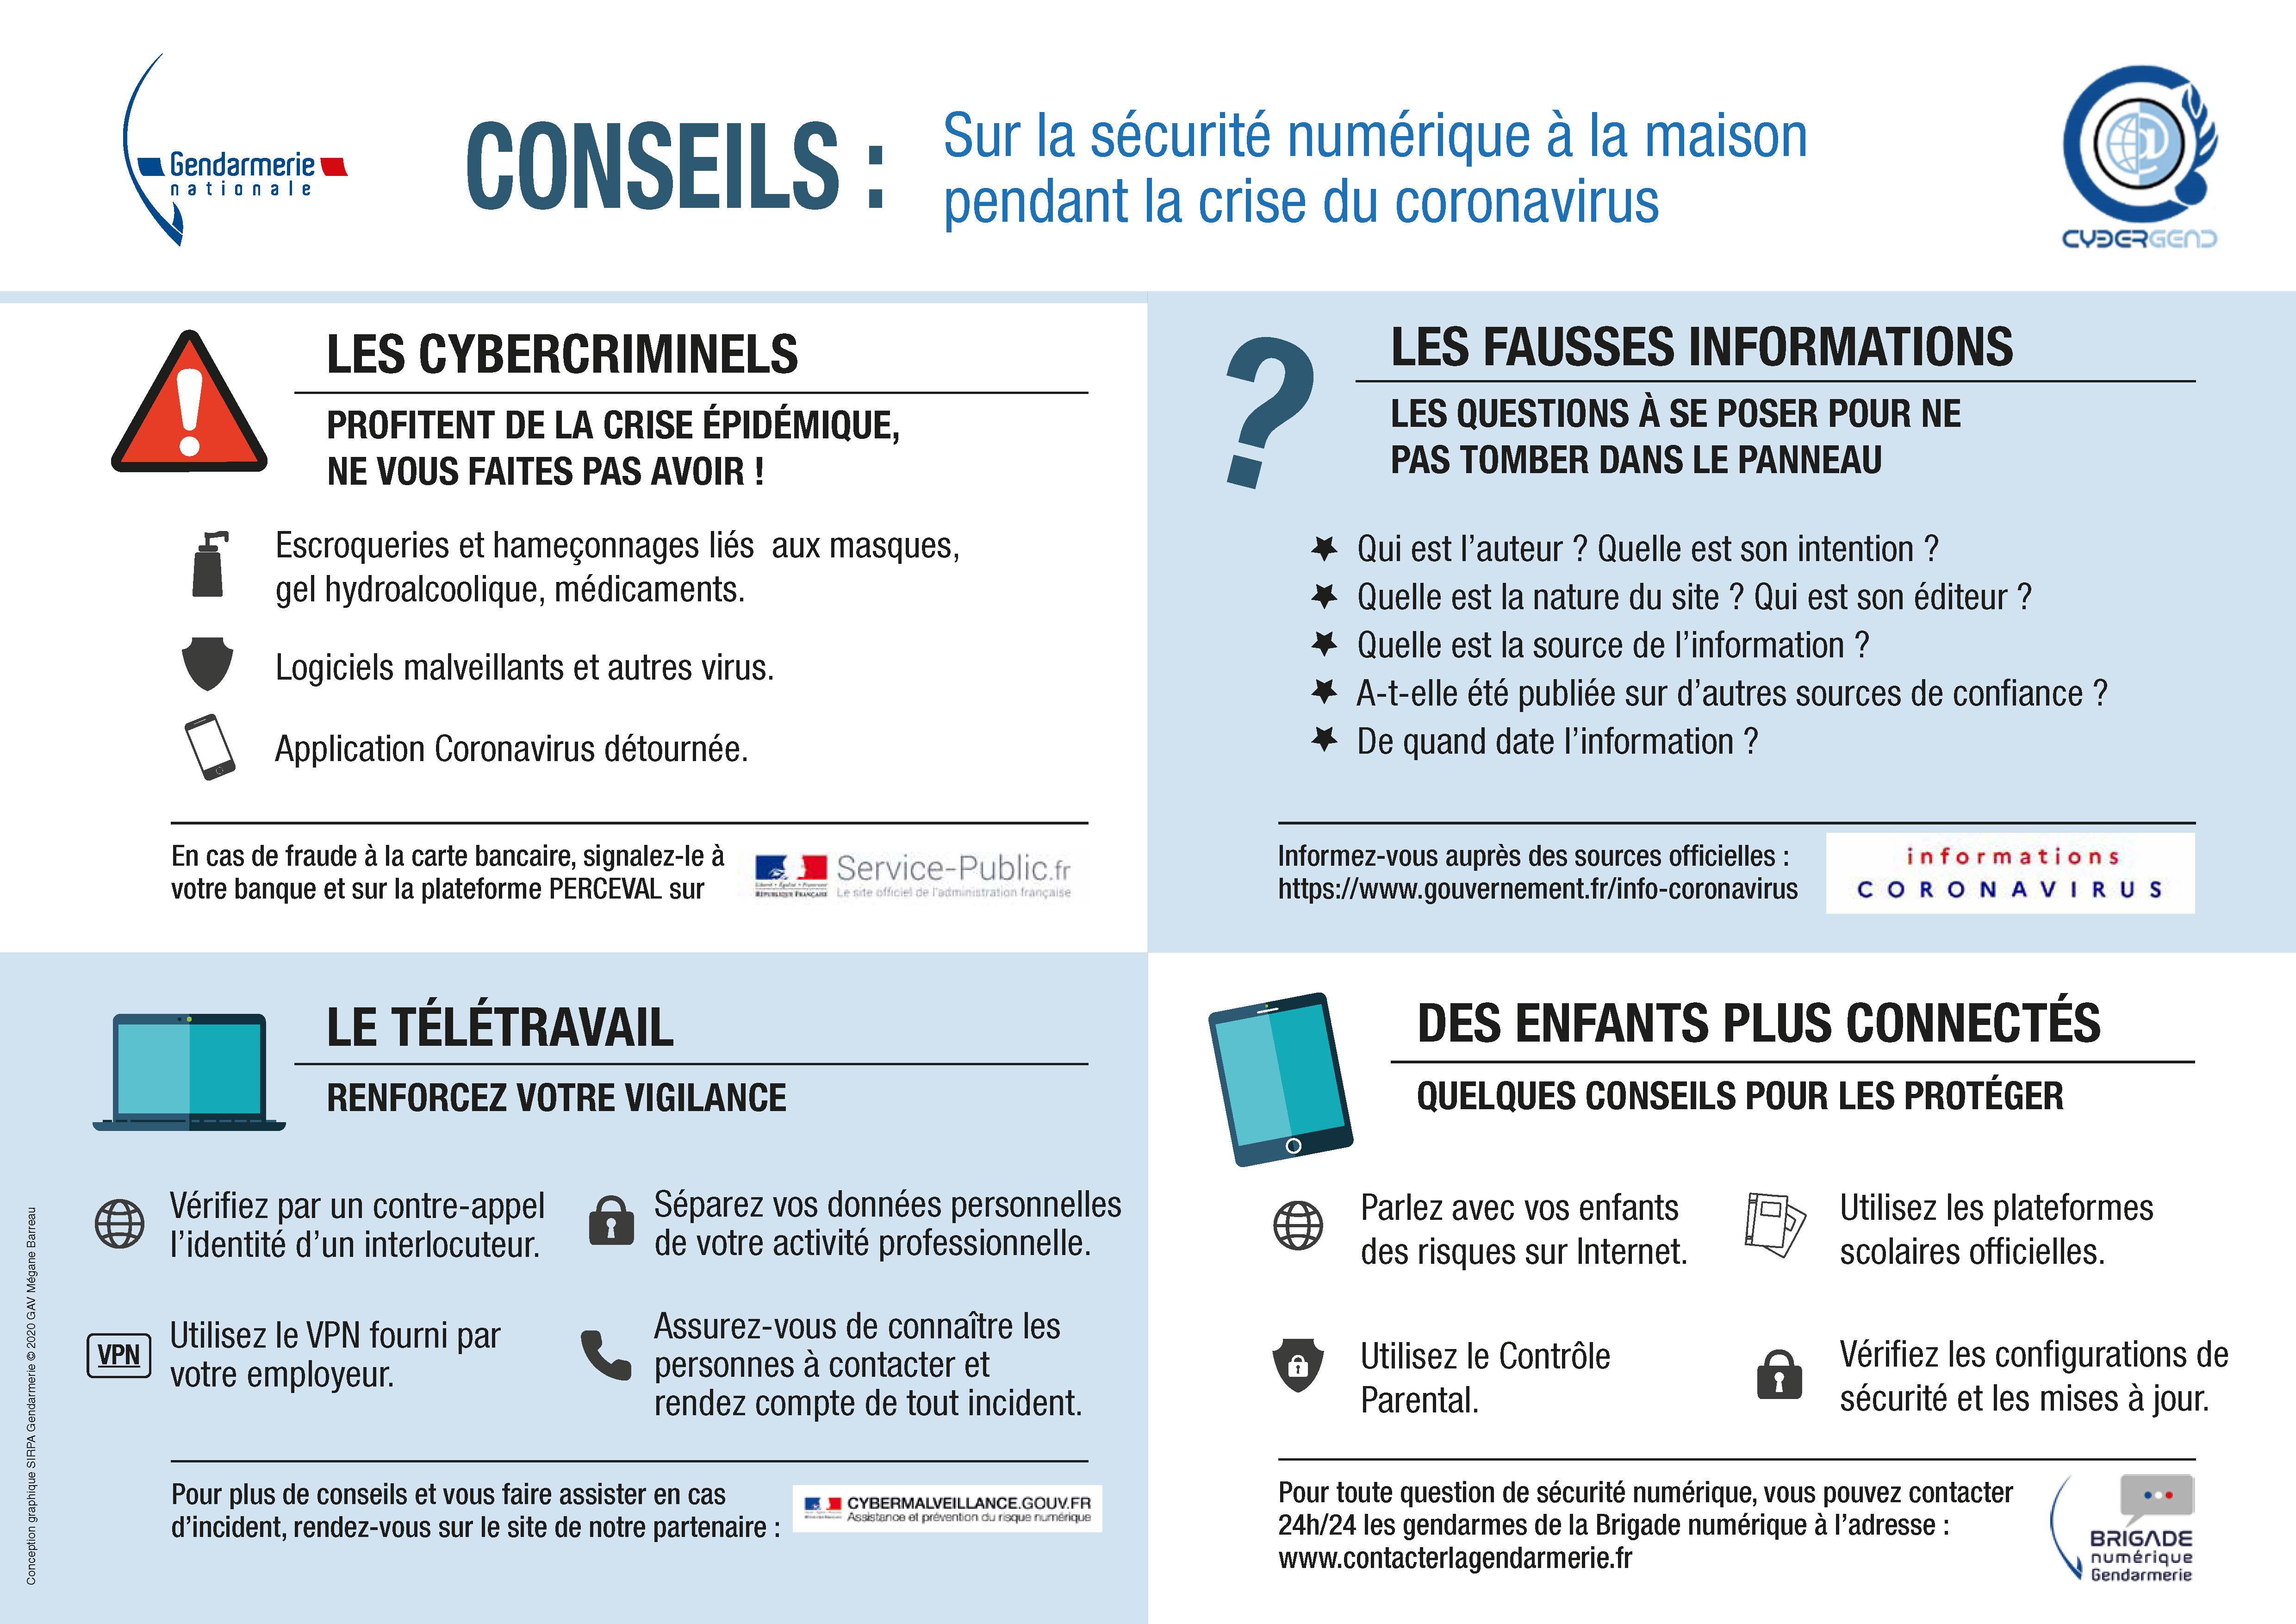 Conseils_sur_la_sécurité_numérique_à_la_maison_(mosaique)